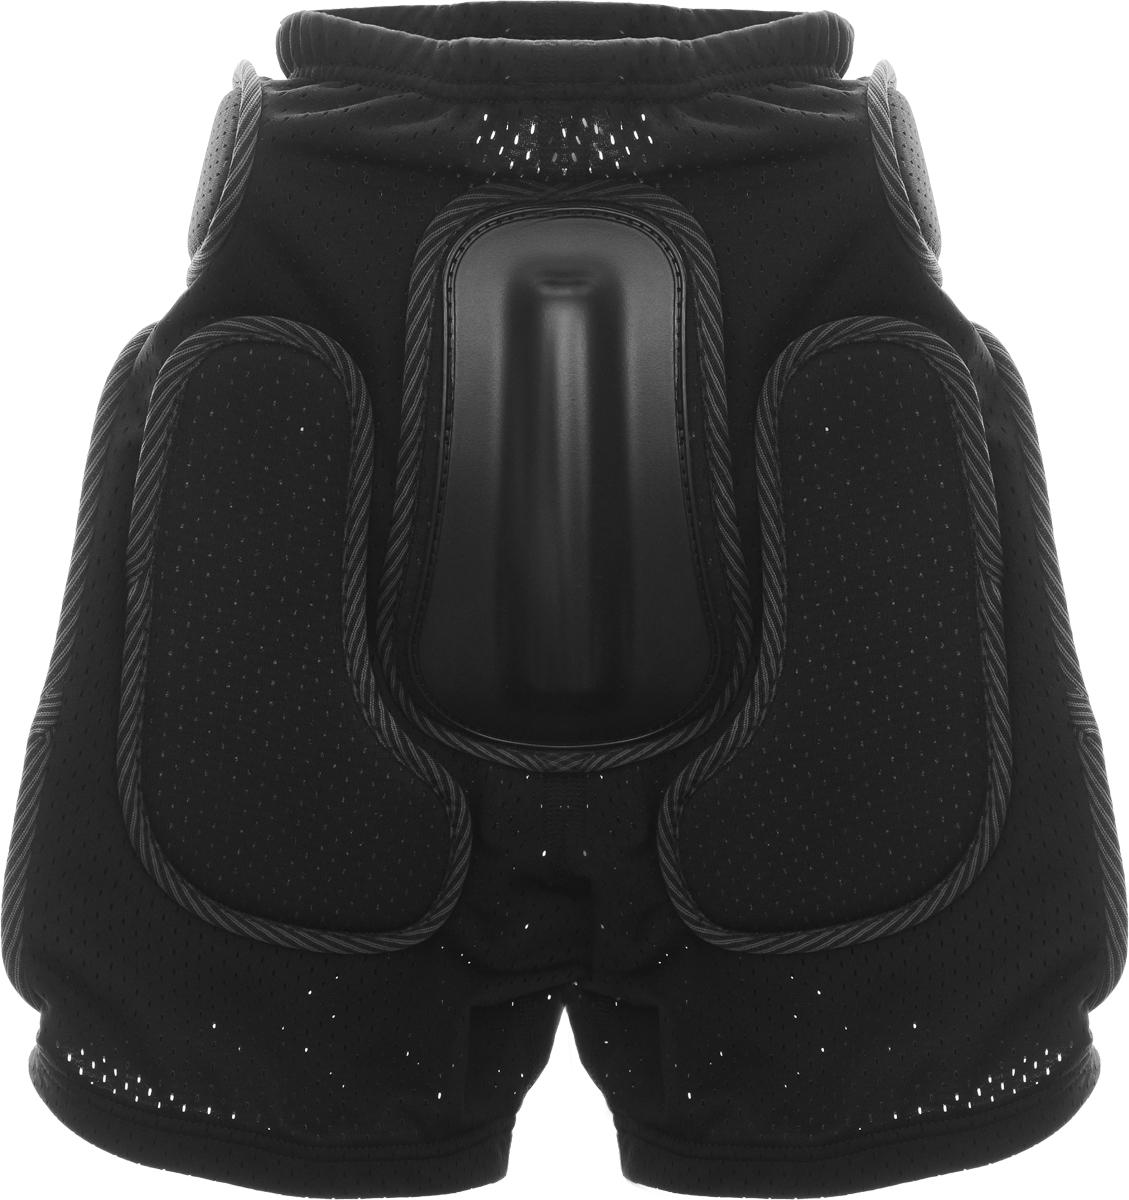 Шорты защитные Biont Комфорт, цвет: черный, размер XL246_155Защитные шорты Biont Комфорт - это необходимая часть снаряжения сноубордистов, любителей экстремального катания на роликах, байкеров, фанатов зимнего кайтинга. Шорты изготовлены из мягкой эластичной потовыводящей сетки с хорошей воздухопроницаемостью под накладками без остаточной деформации.Для обеспечения улучшенной вентиляции в шортах используется дышащая сетка спейсер. Комфортные защитные шорты Biont Комфорт идеальный выбор для любителей экстремального спорта. Толщина пластиковых накладок: 8-12 мм.